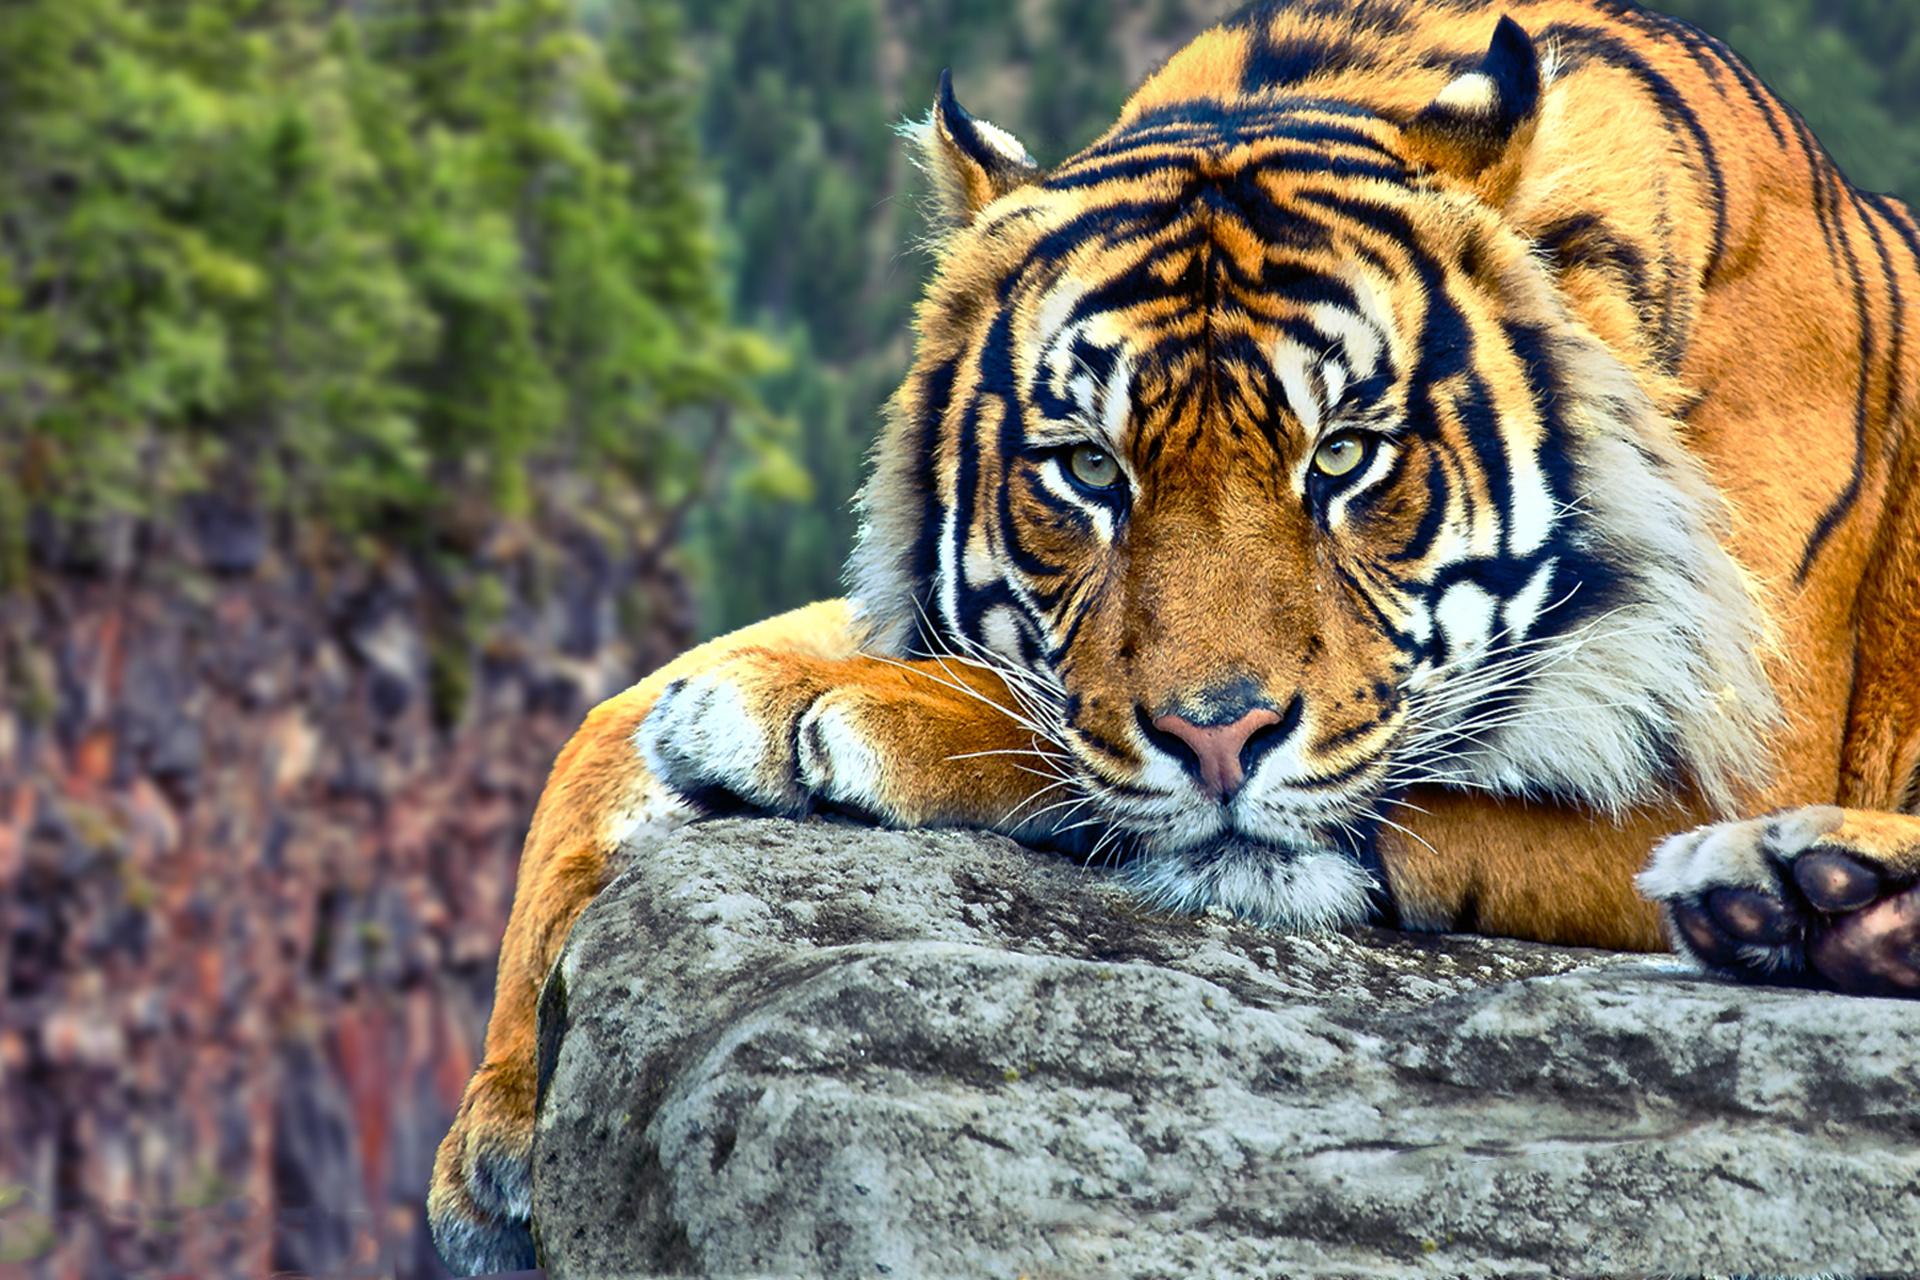 tiger wallpaper hd 40407 1920x1280px